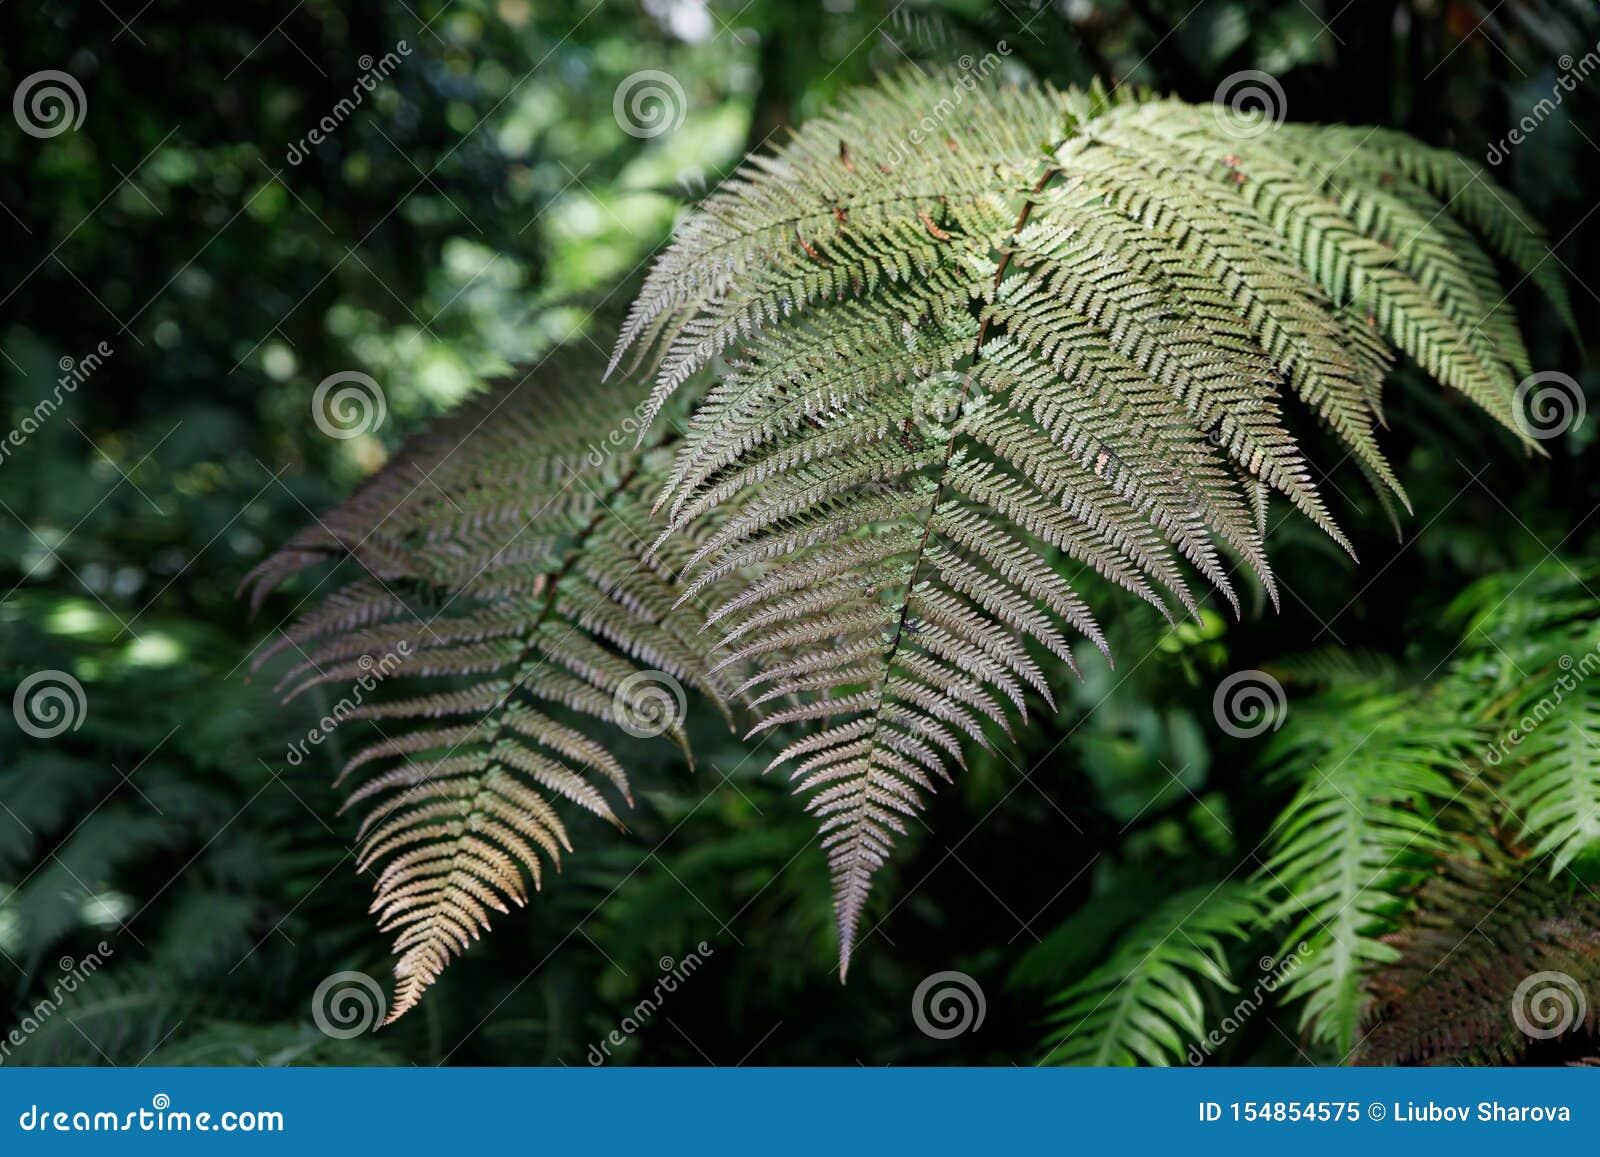 Foto macro das pétalas verdes da samambaia A samambaia da planta floresceu Samambaia no fundo de plantas verdes